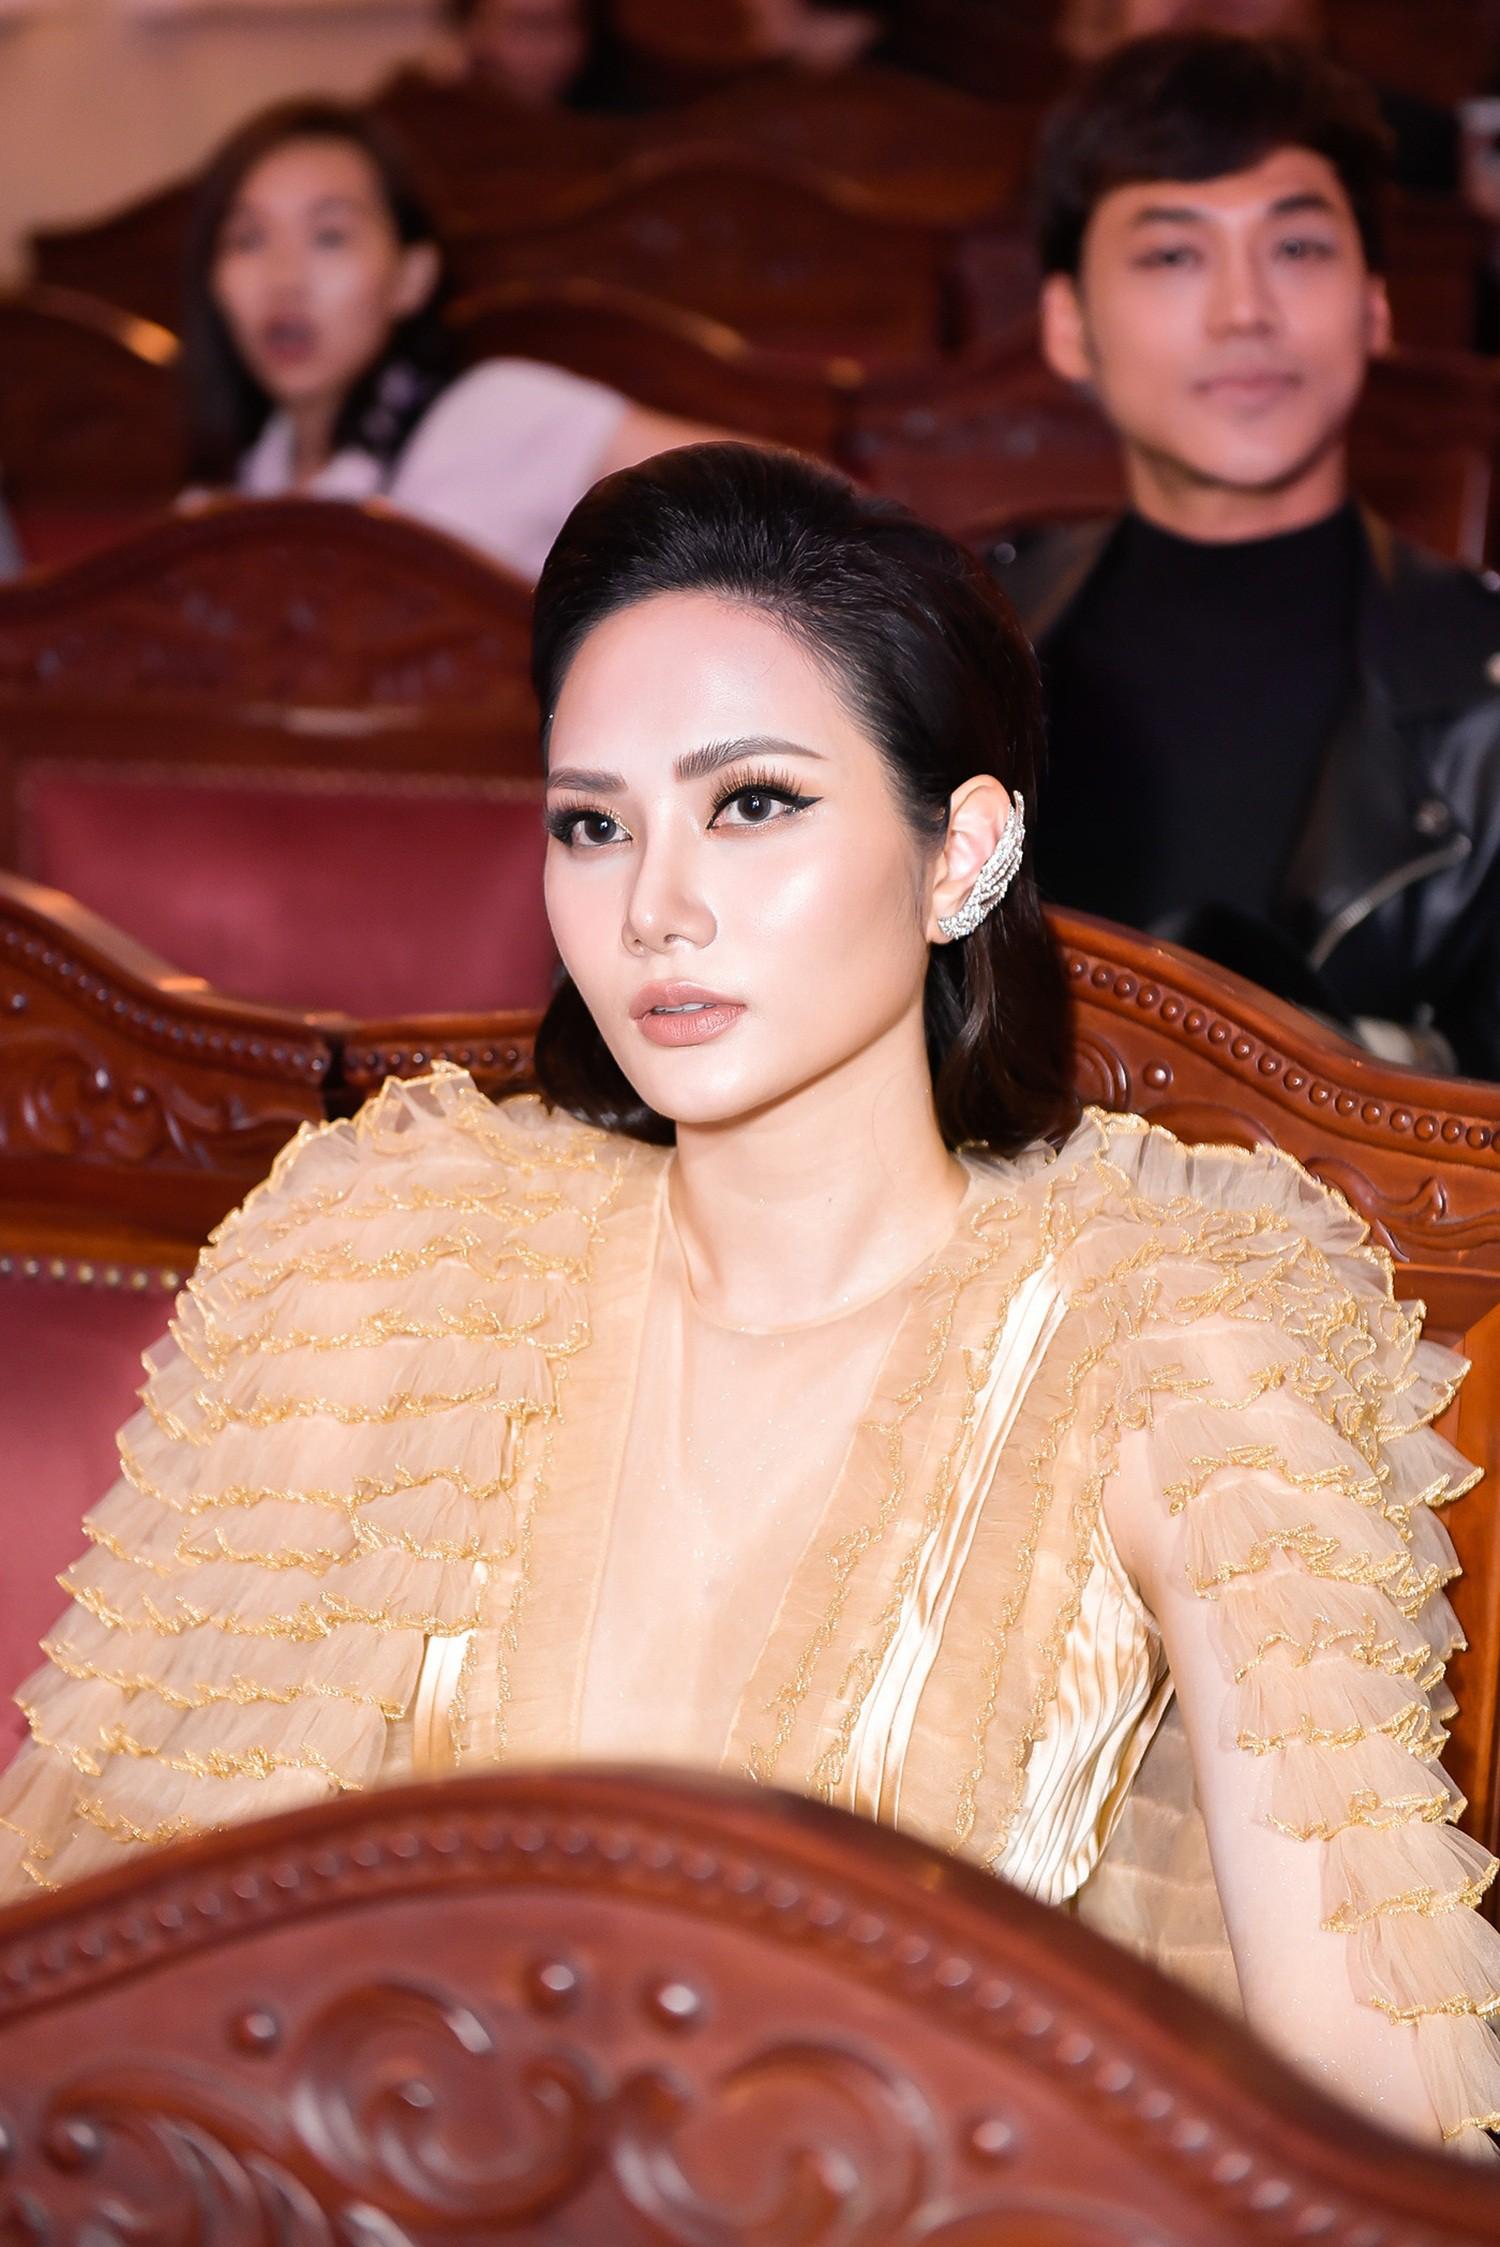 Hứa Vĩ Văn hóa quý ông lịch lãm, Hoa hậu Diệu Linh diện đầm độc nổi bật  - Ảnh 2.